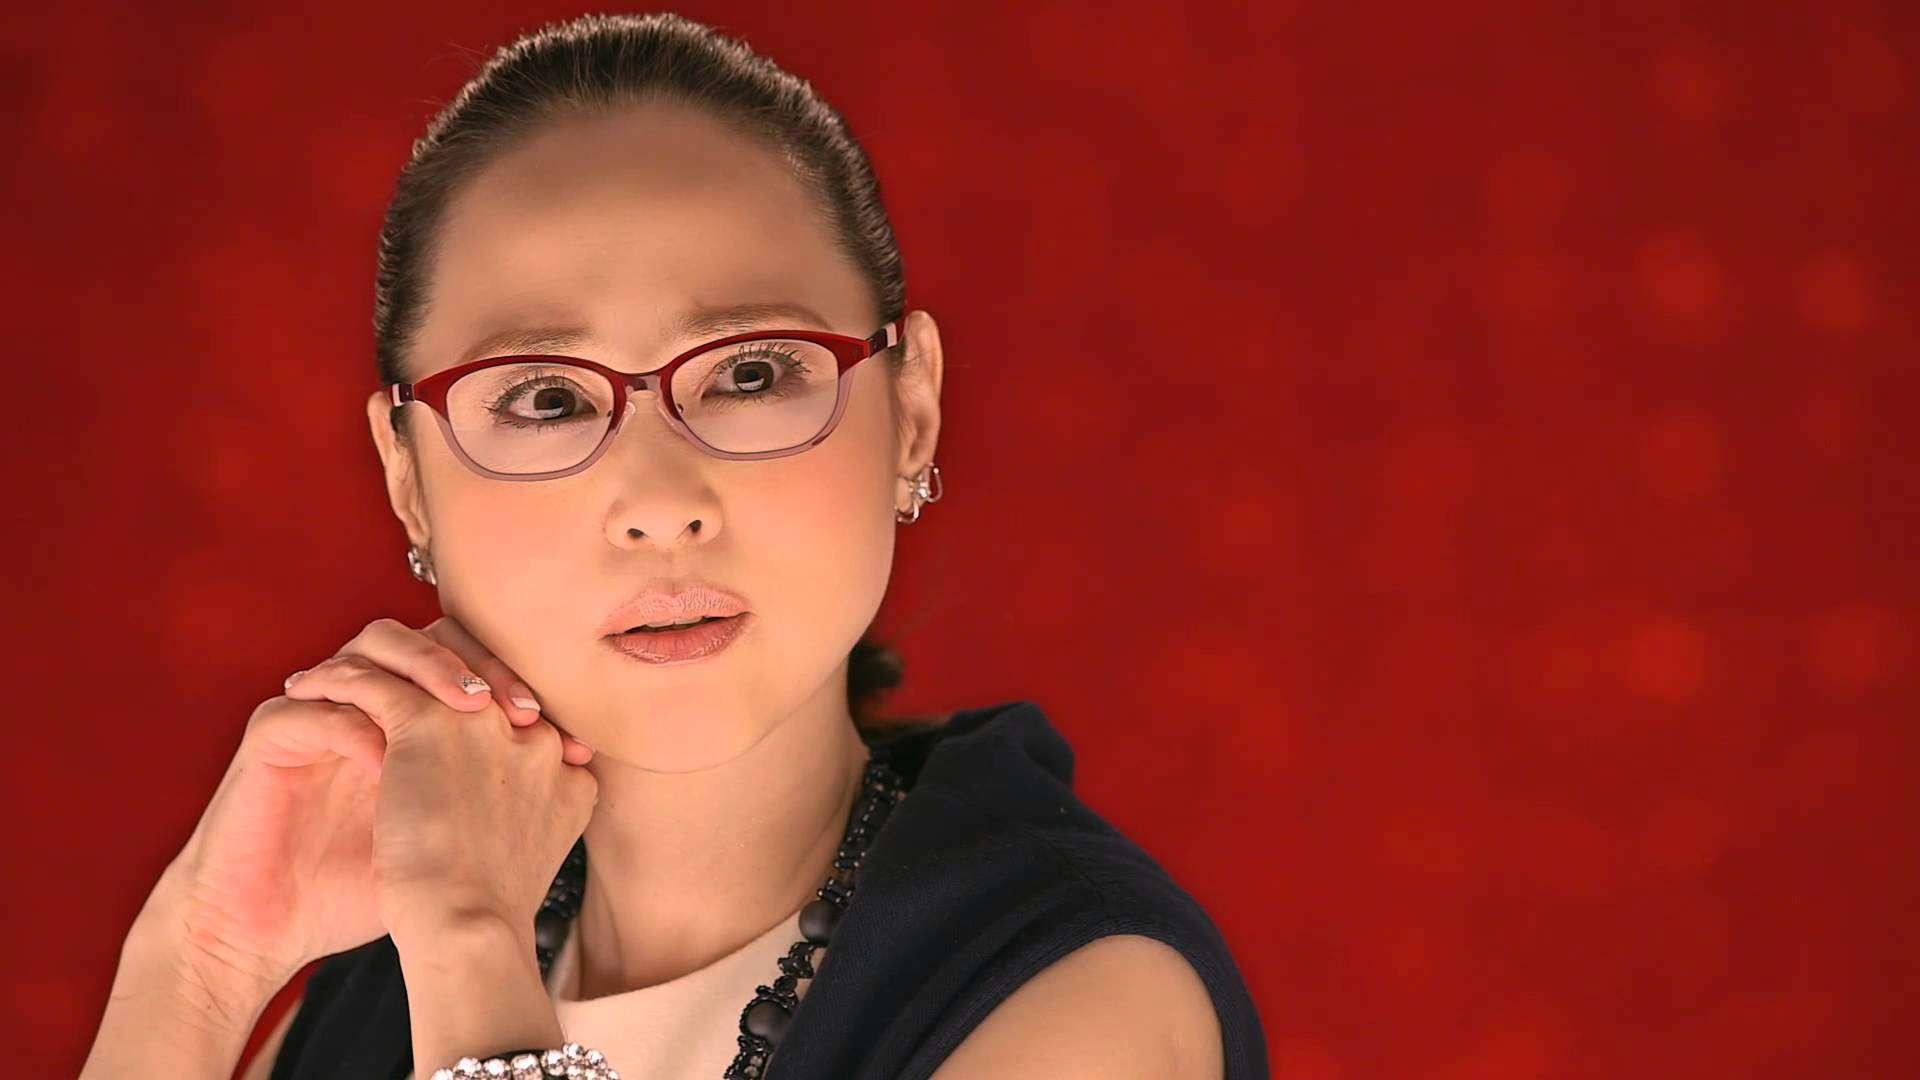 【眼鏡市場CM】価値あるレンズ、価値ある価格。篇(60秒) /西田敏行・松田聖子 - YouTube